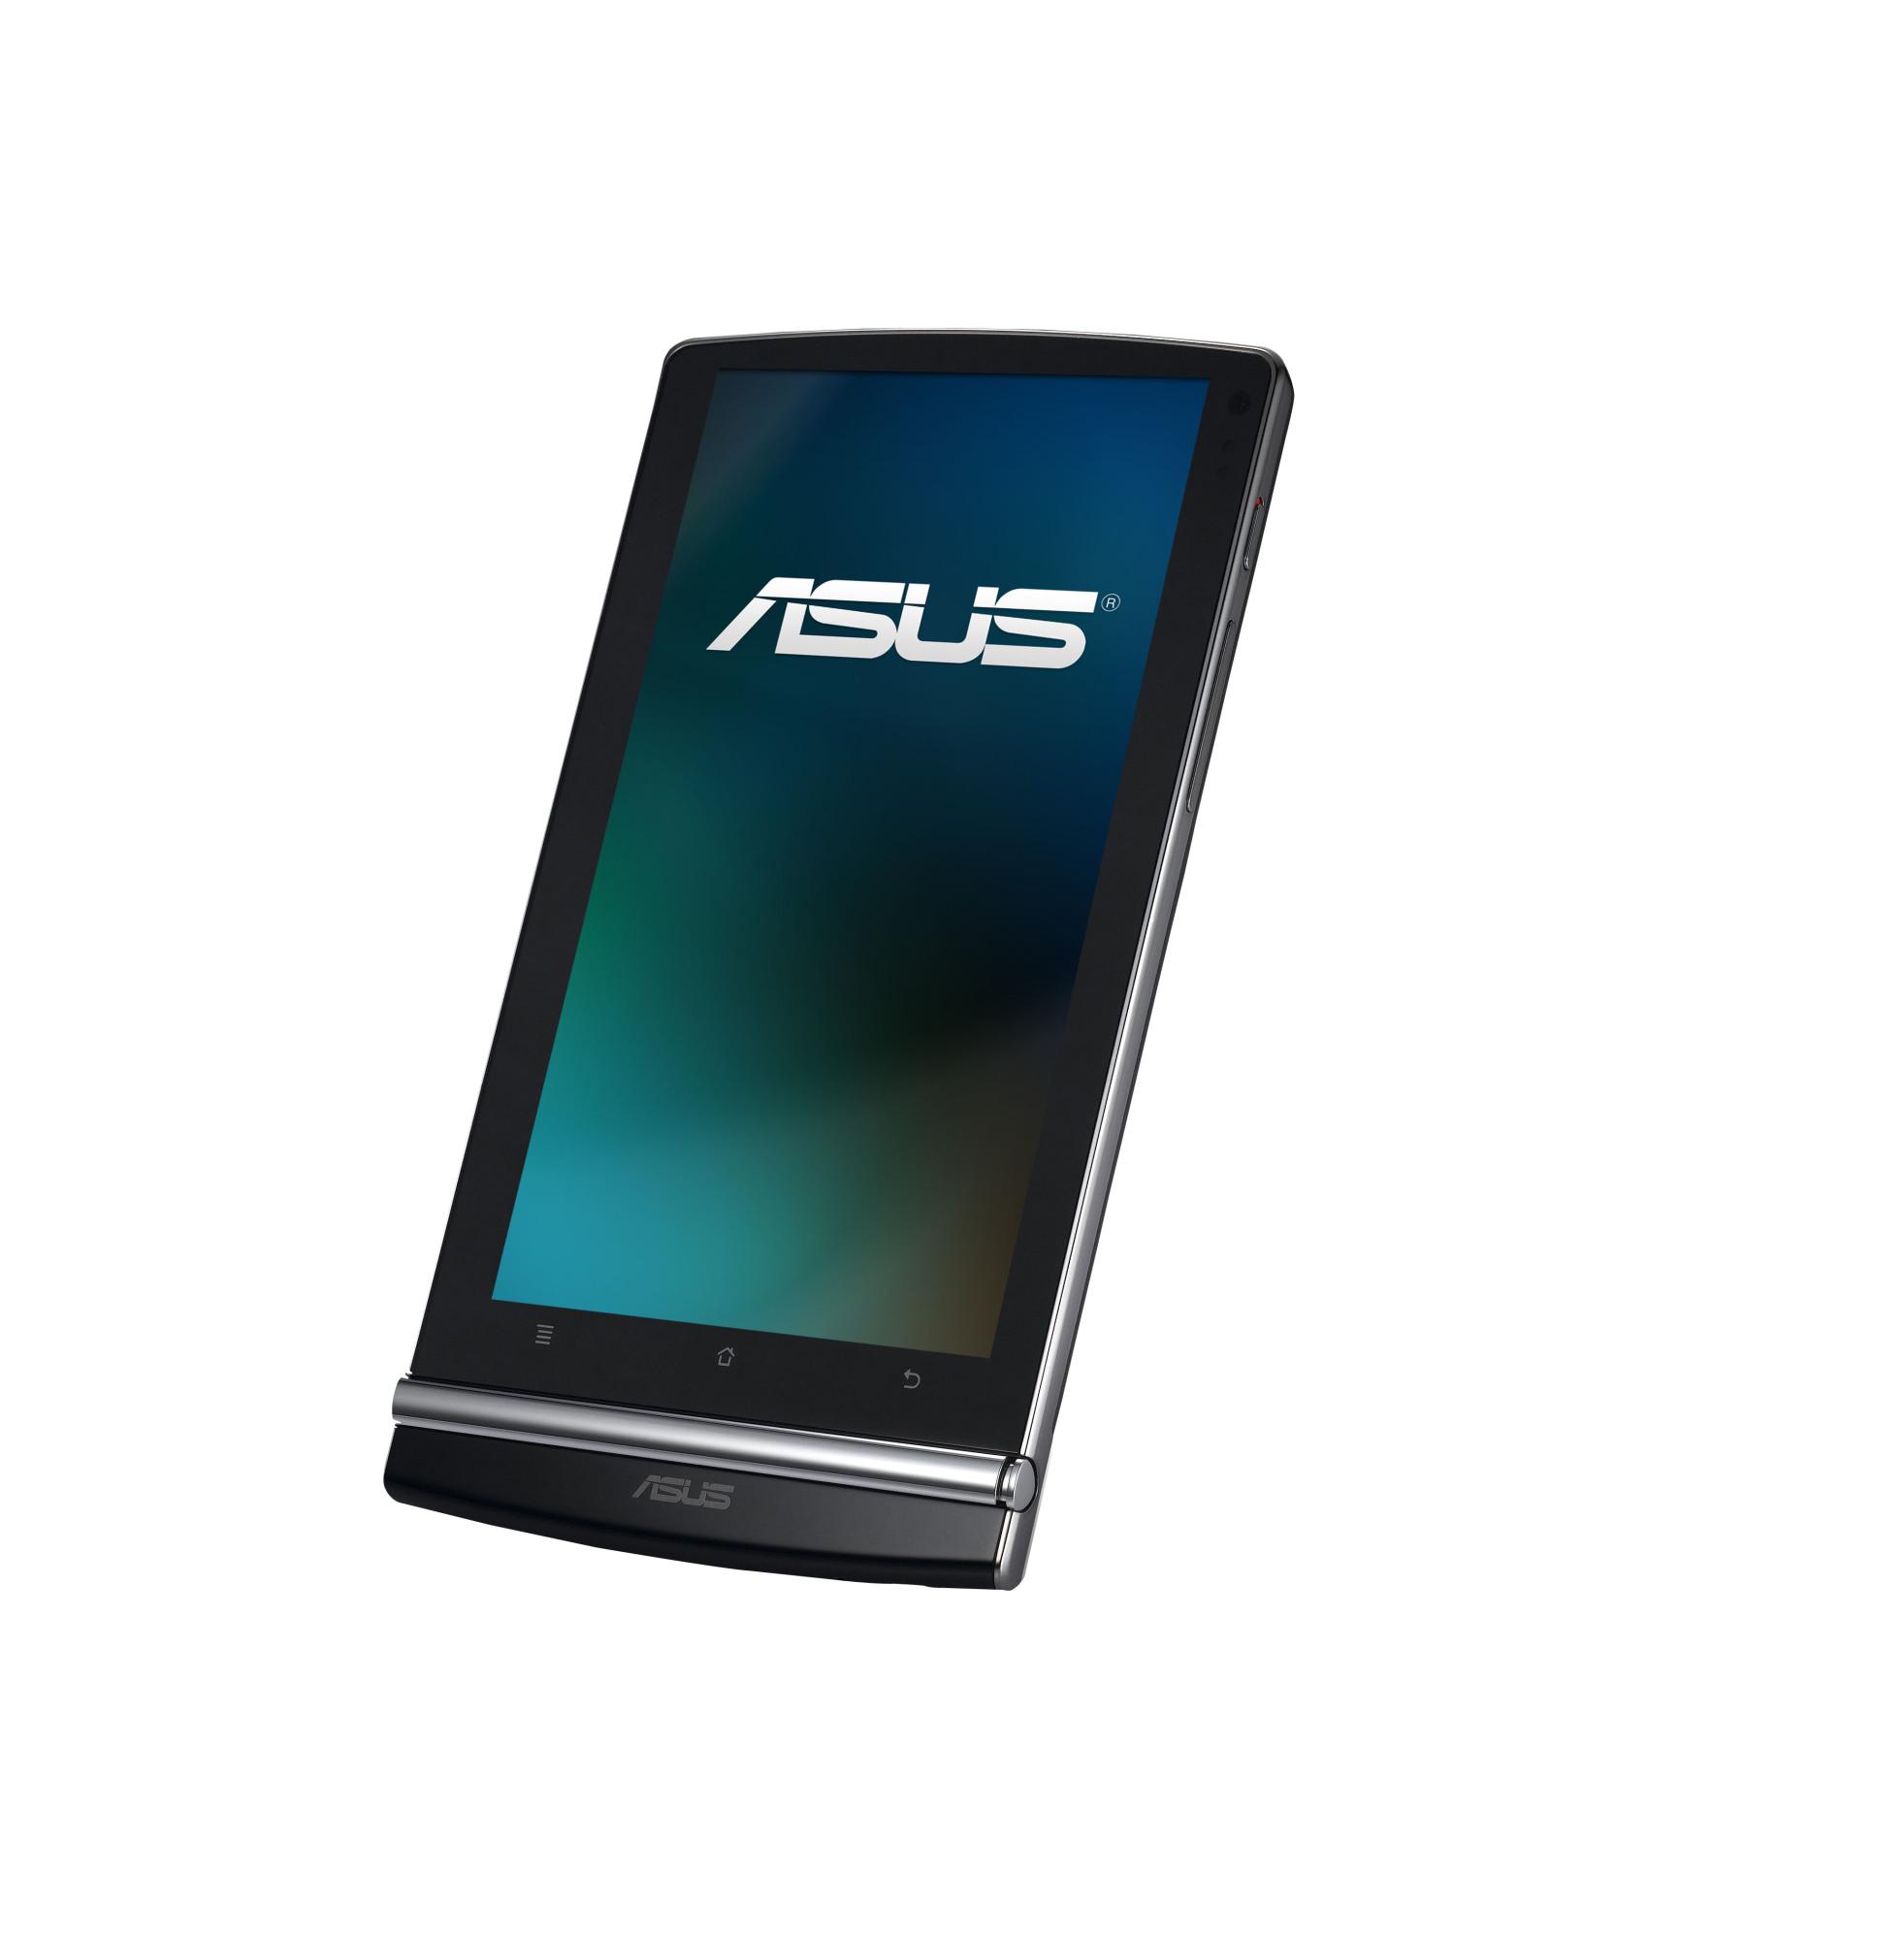 tablet pcs mit android und windows von asus heise online. Black Bedroom Furniture Sets. Home Design Ideas